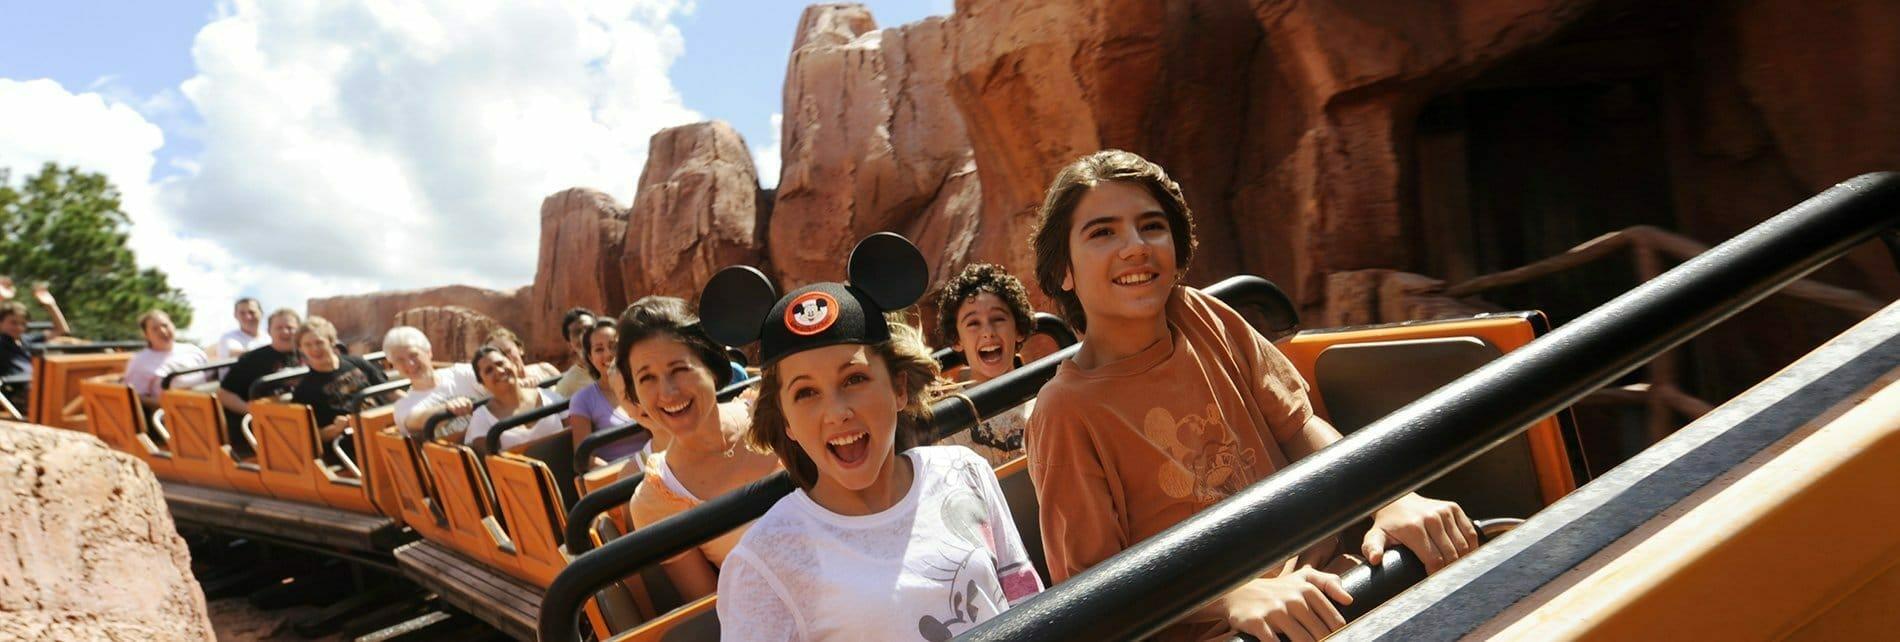 Preteens at Disney